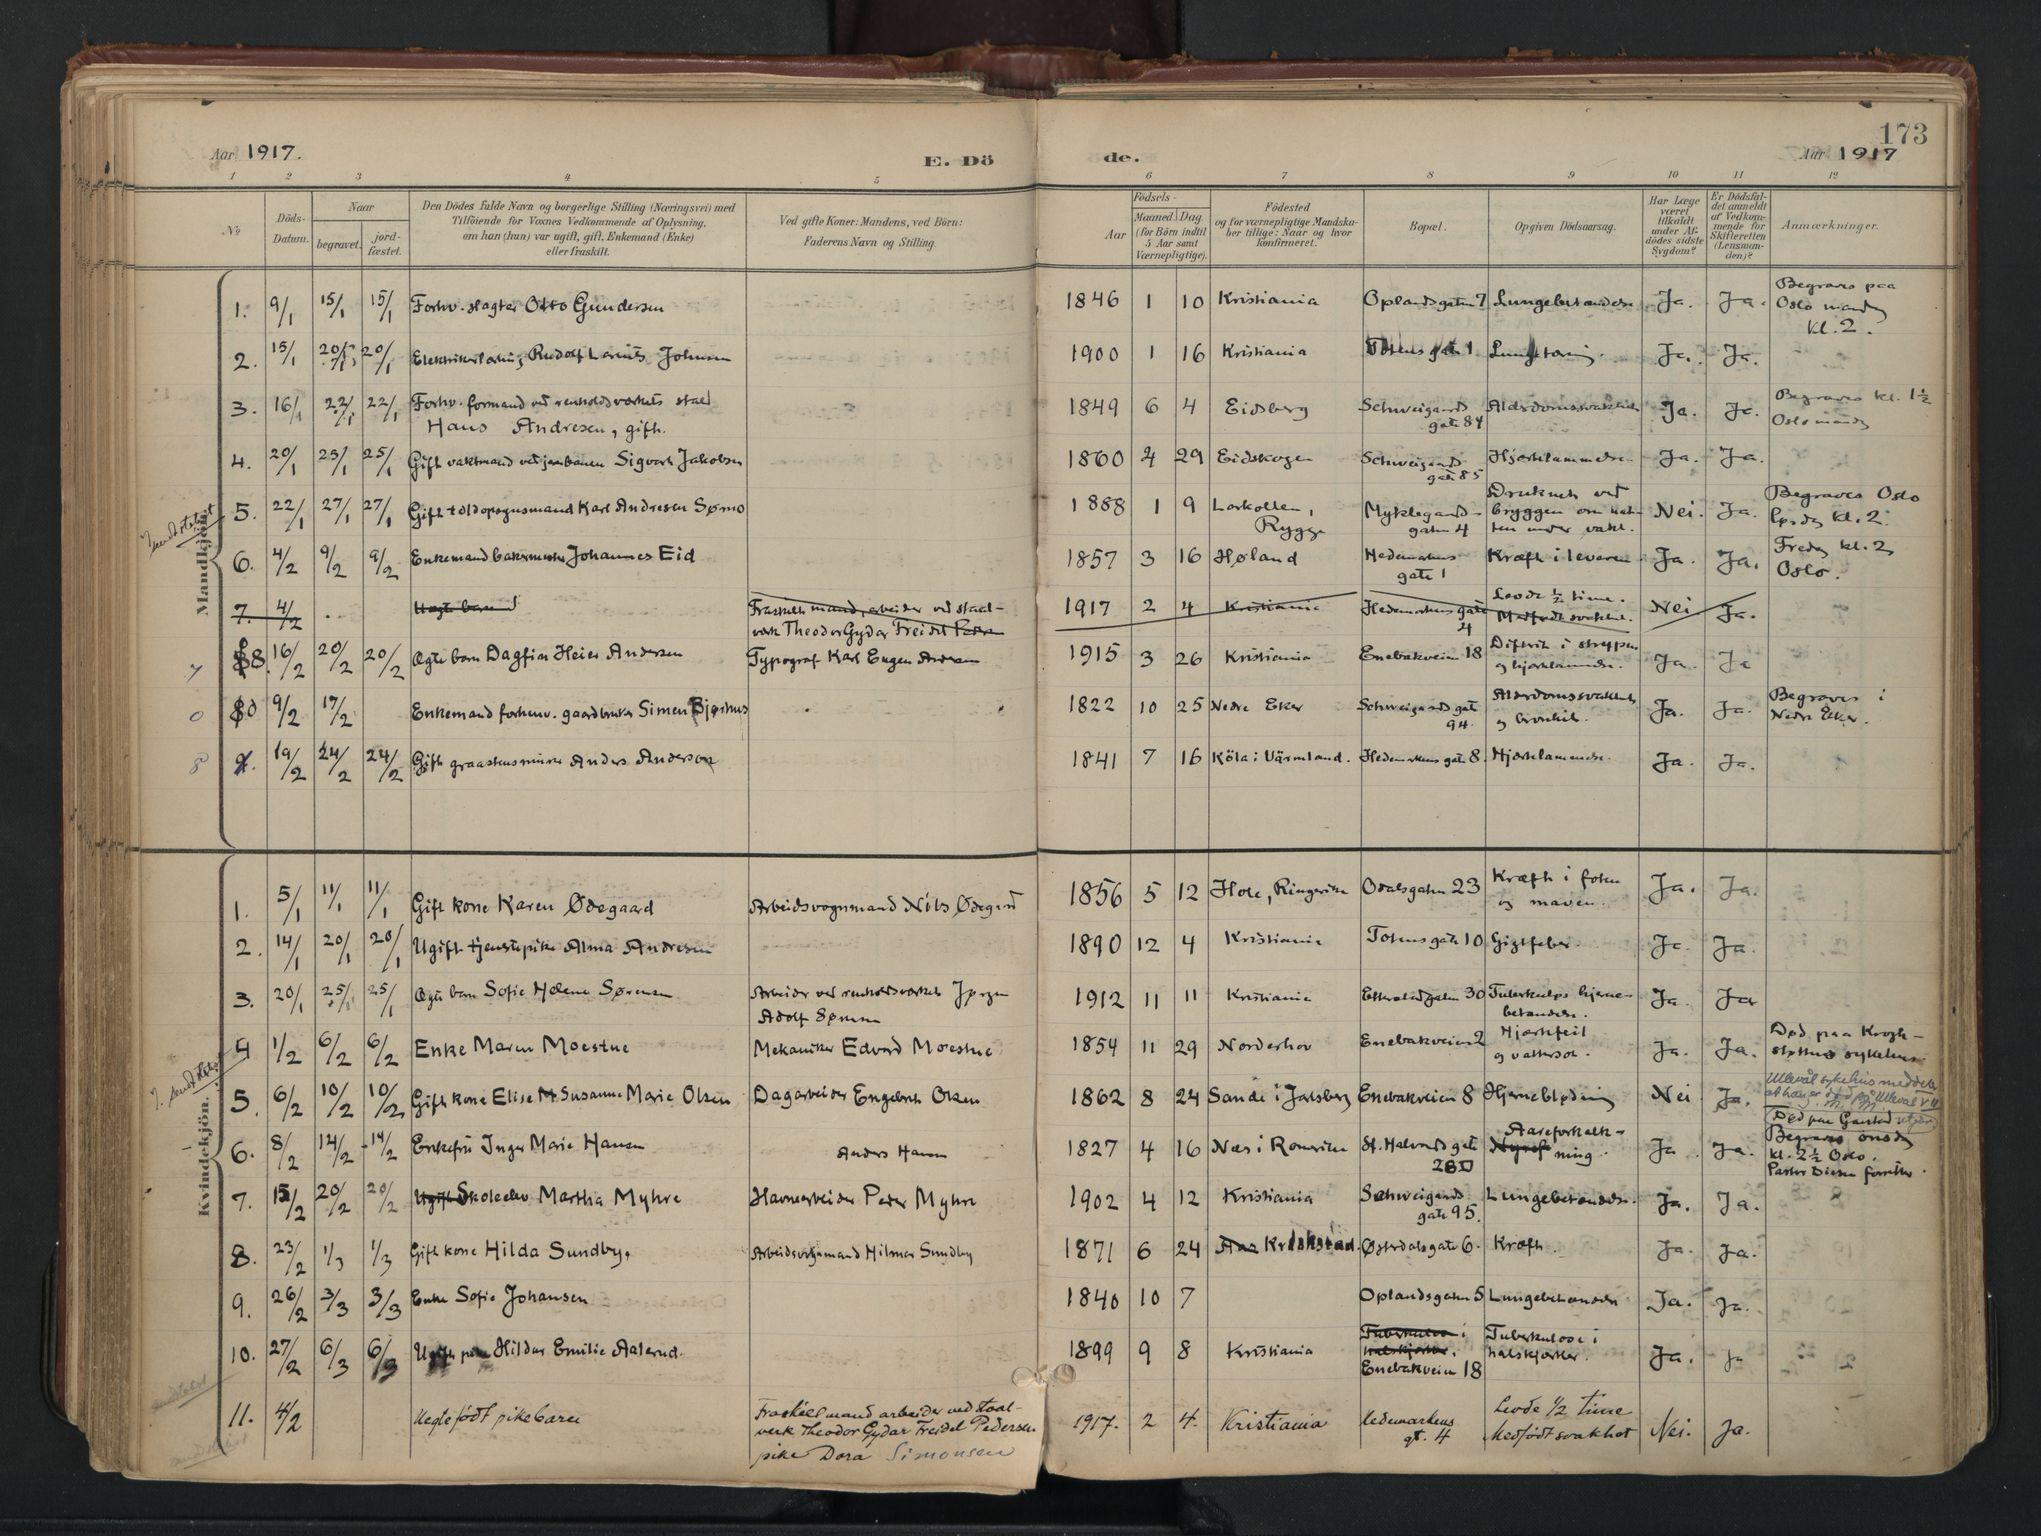 SAO, Vålerengen prestekontor Kirkebøker, F/Fa/L0003: Ministerialbok nr. 3, 1899-1930, s. 173